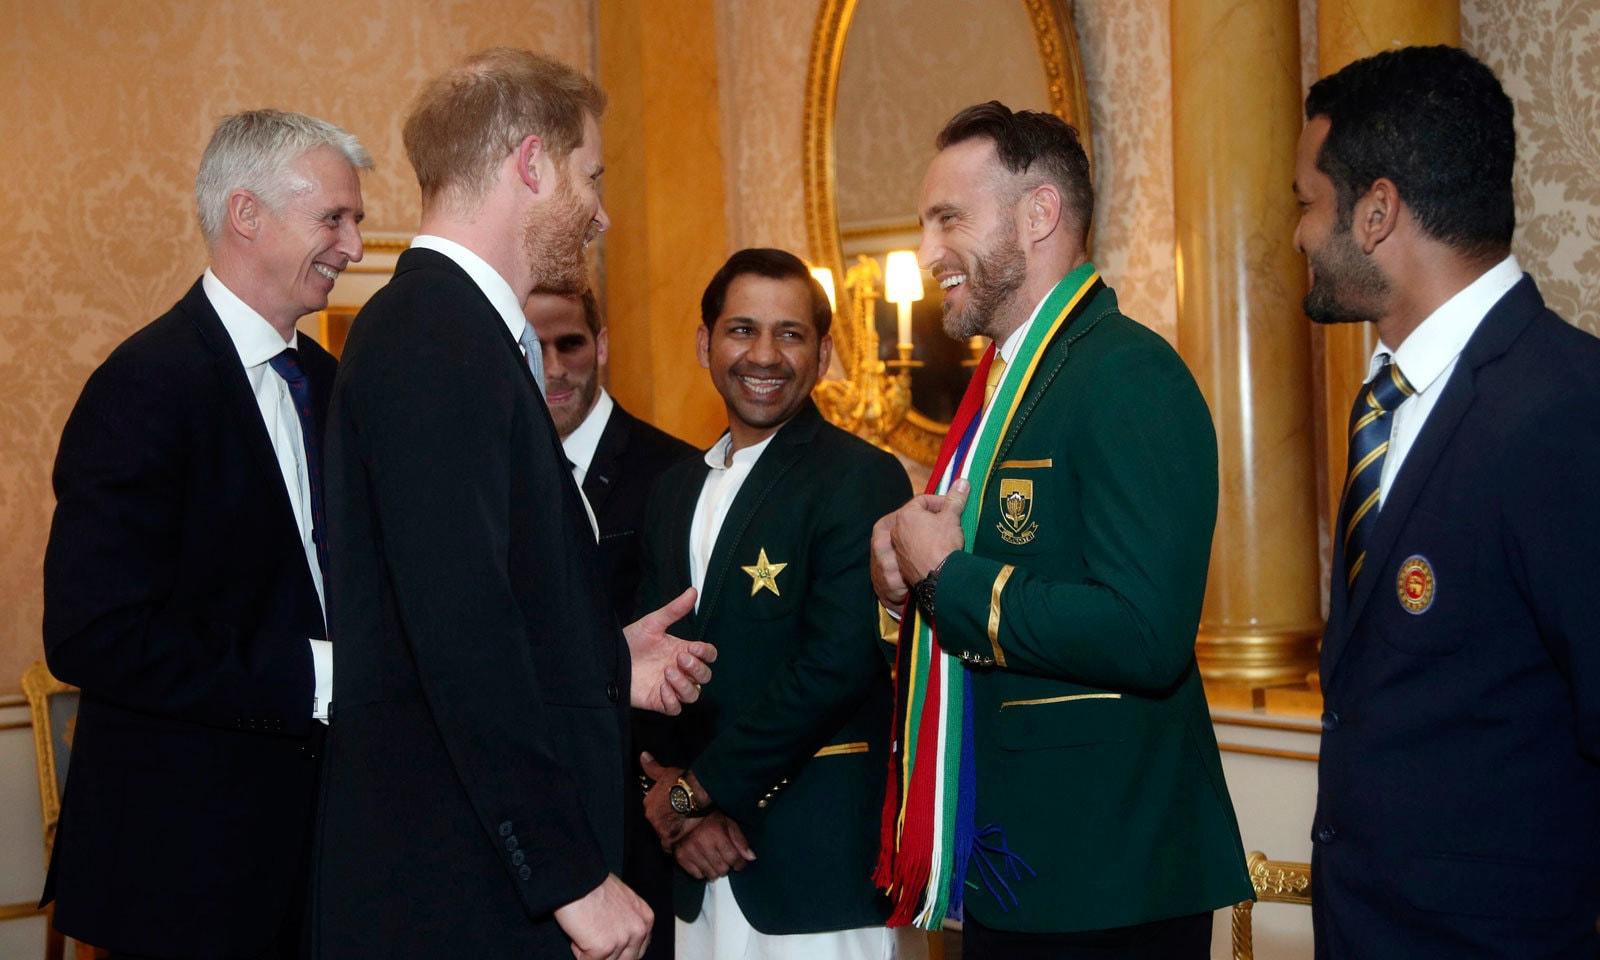 ورلڈ کپ ٹیموں کے کپتانوں سے شہزادہ ہیری نے بھی ملاقات کی — فوٹو: اے پی